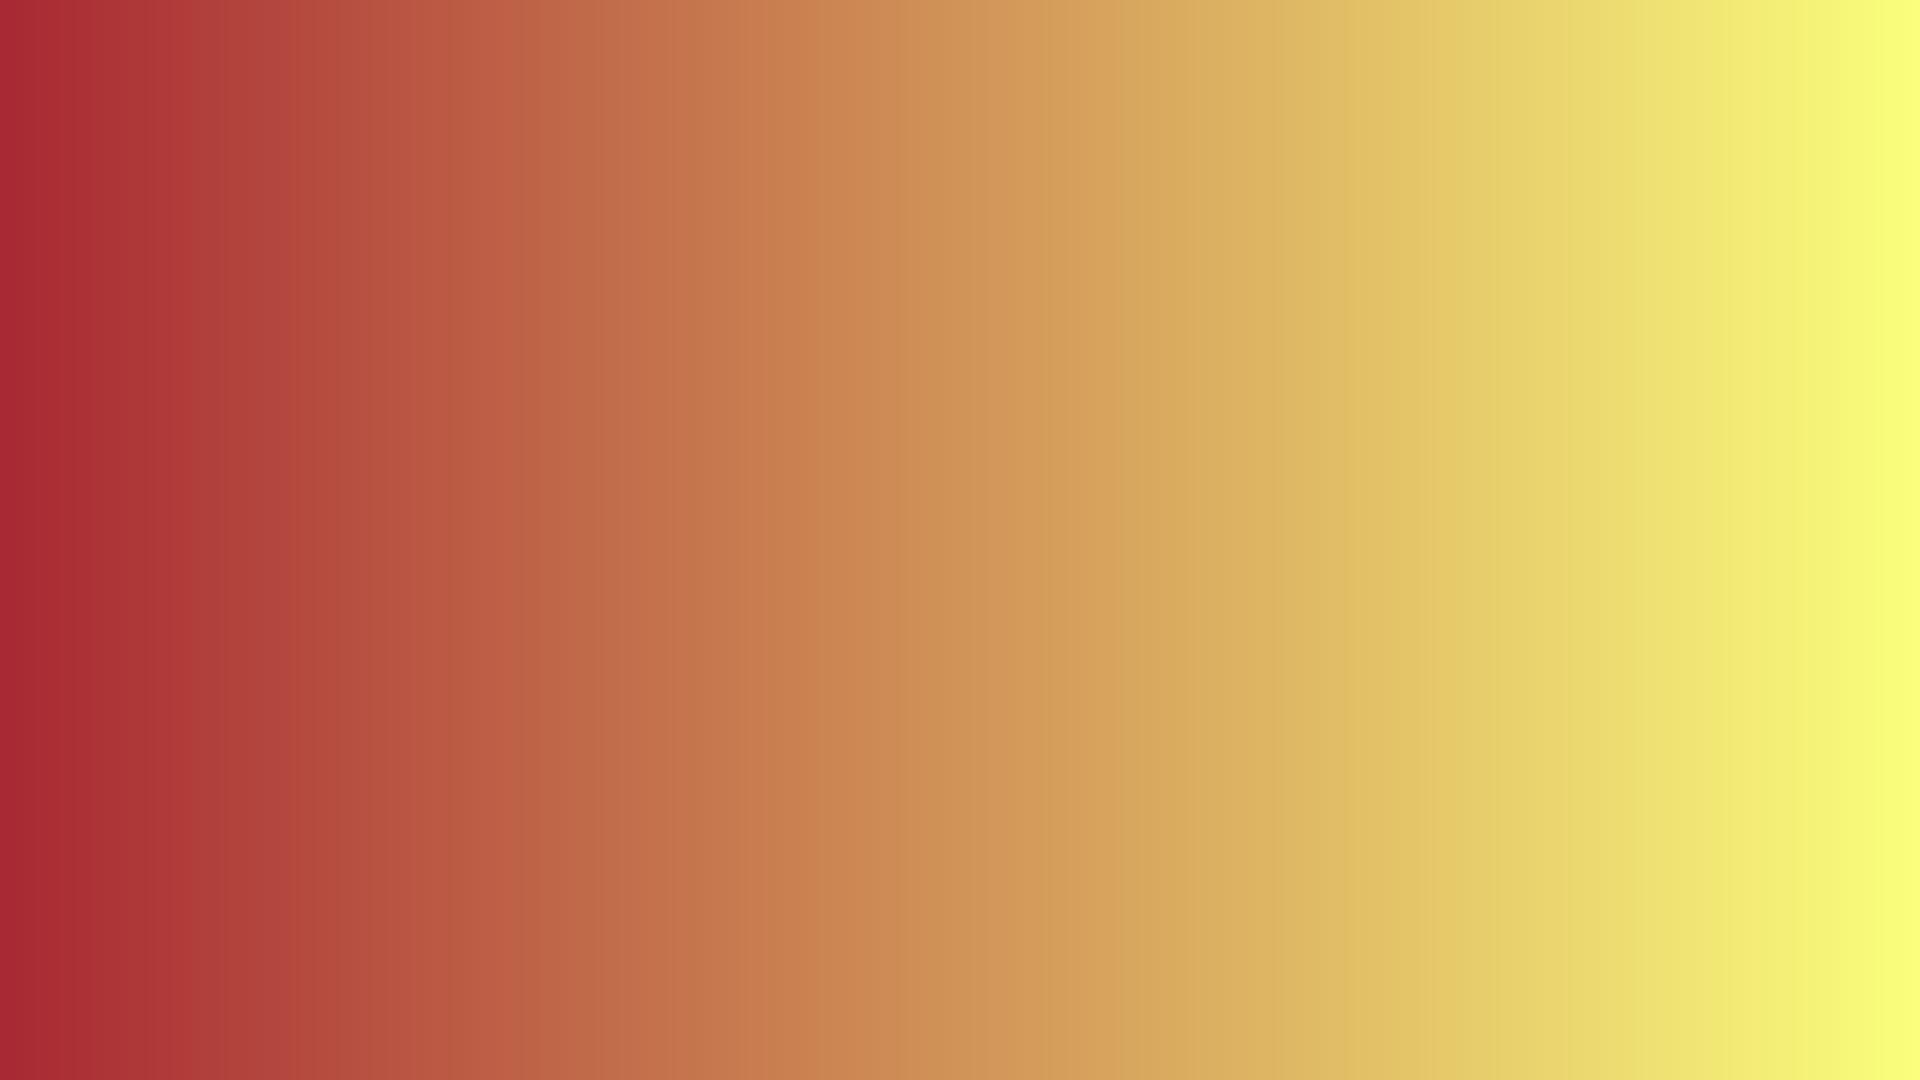 Sunset Colors Gradient